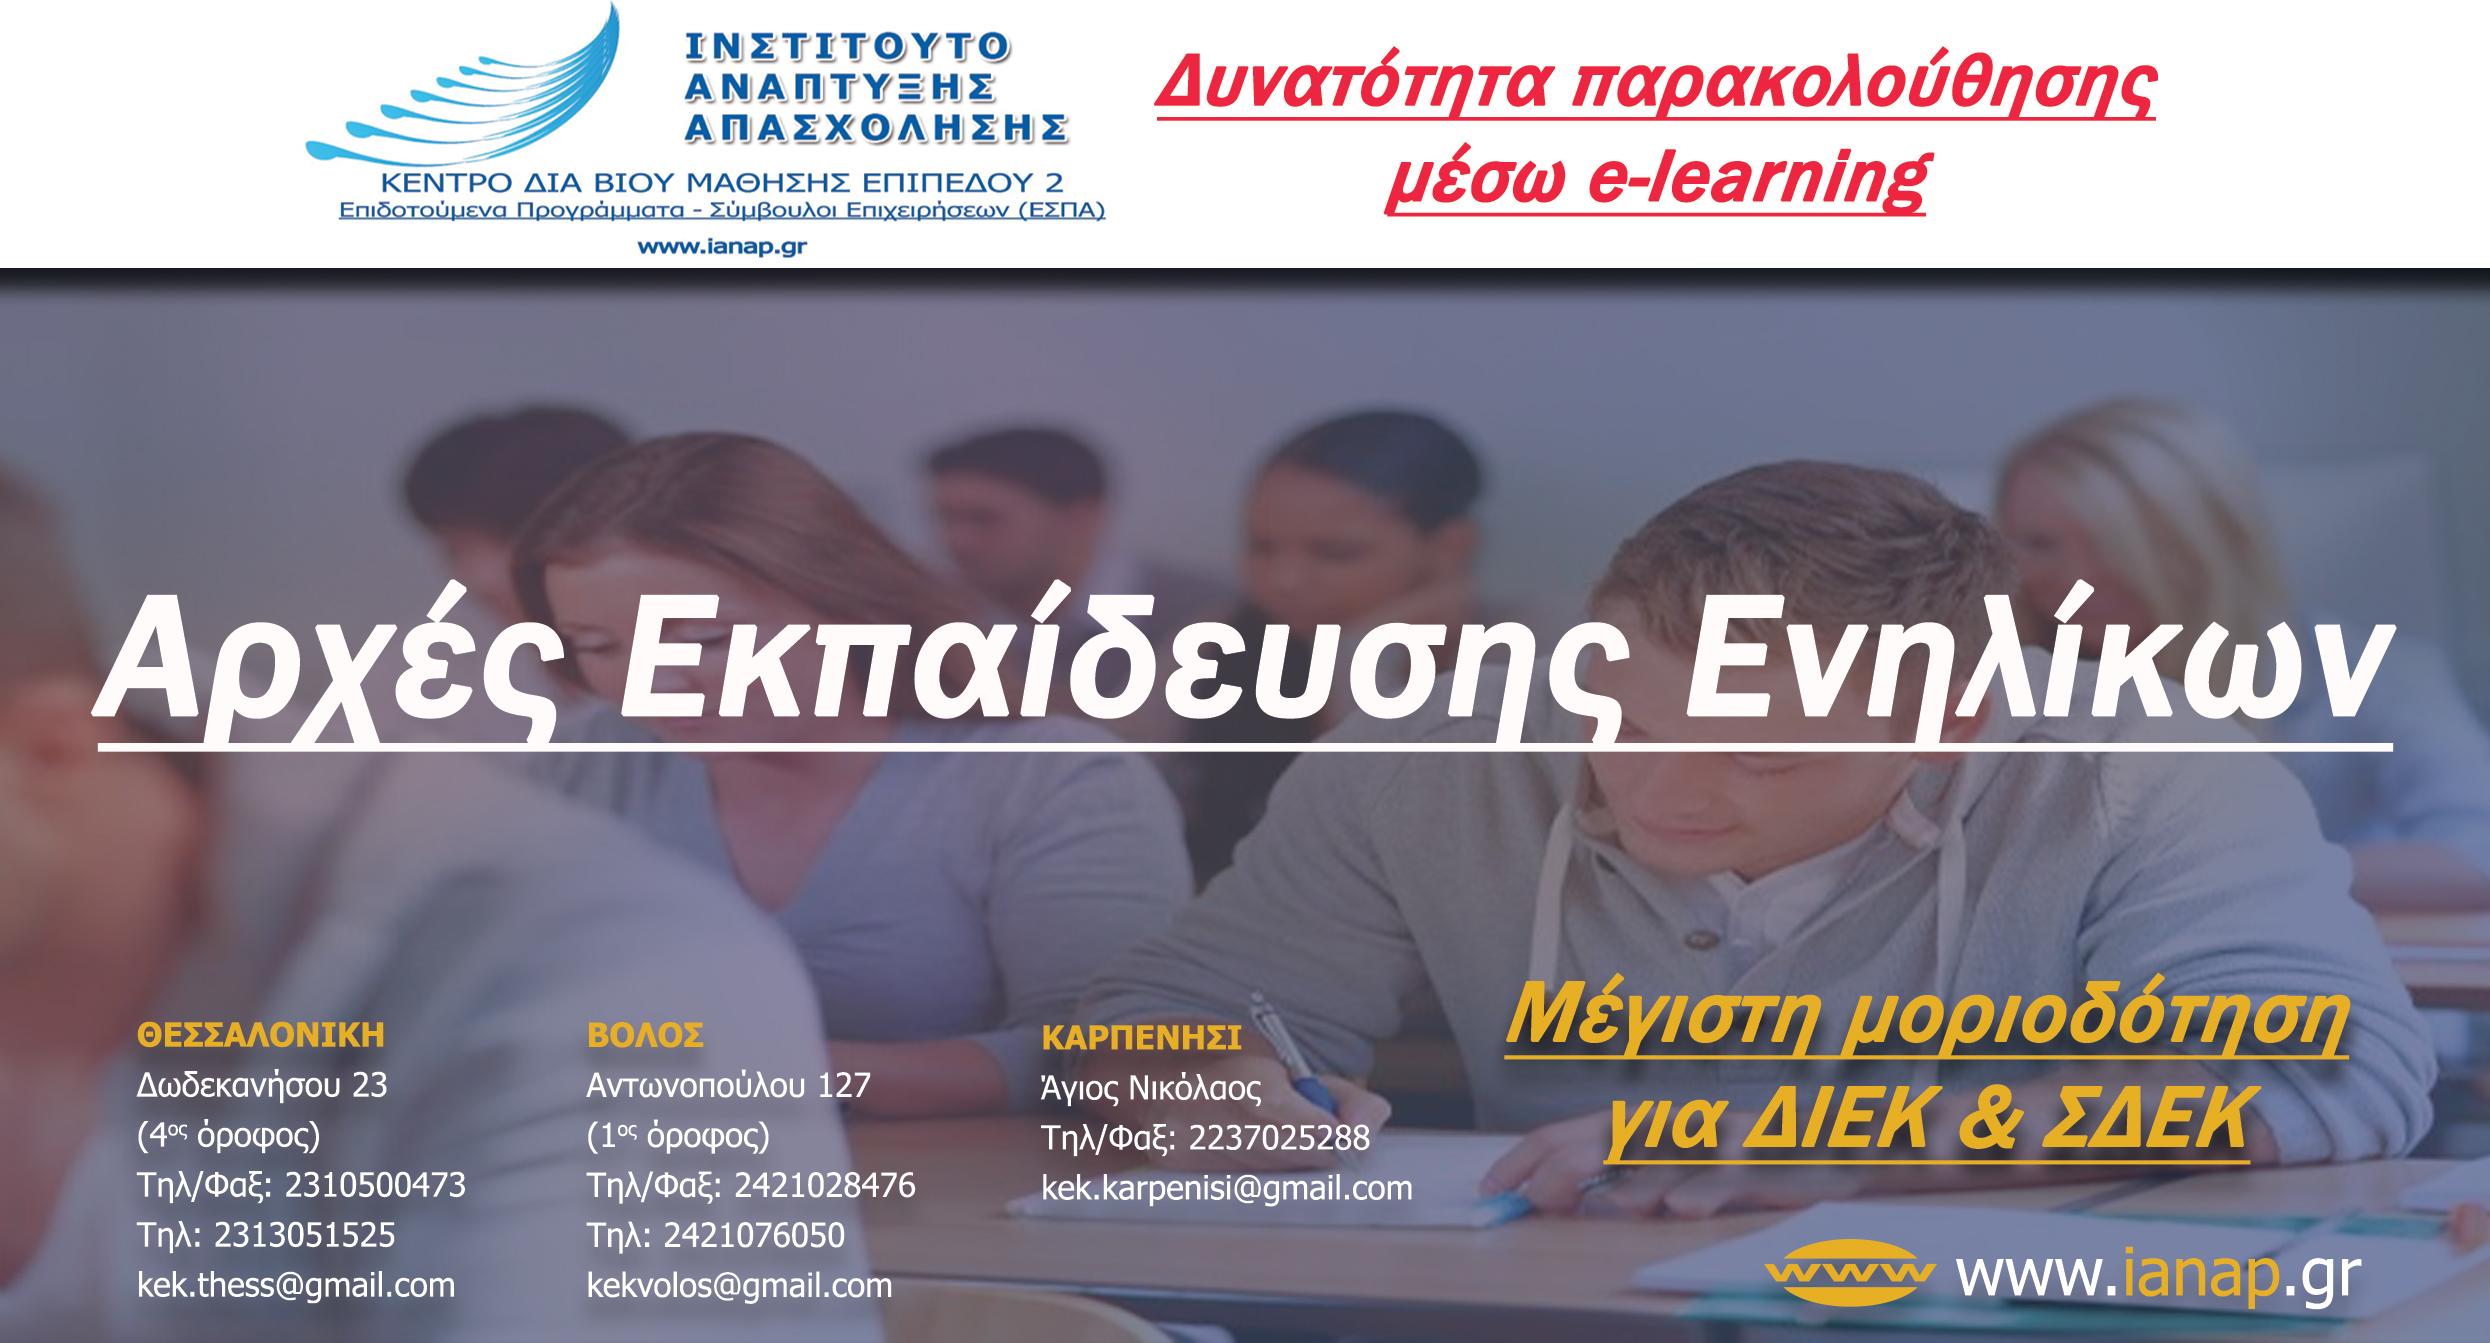 Αρχές Εκπαίδευσης Ενηλίκων